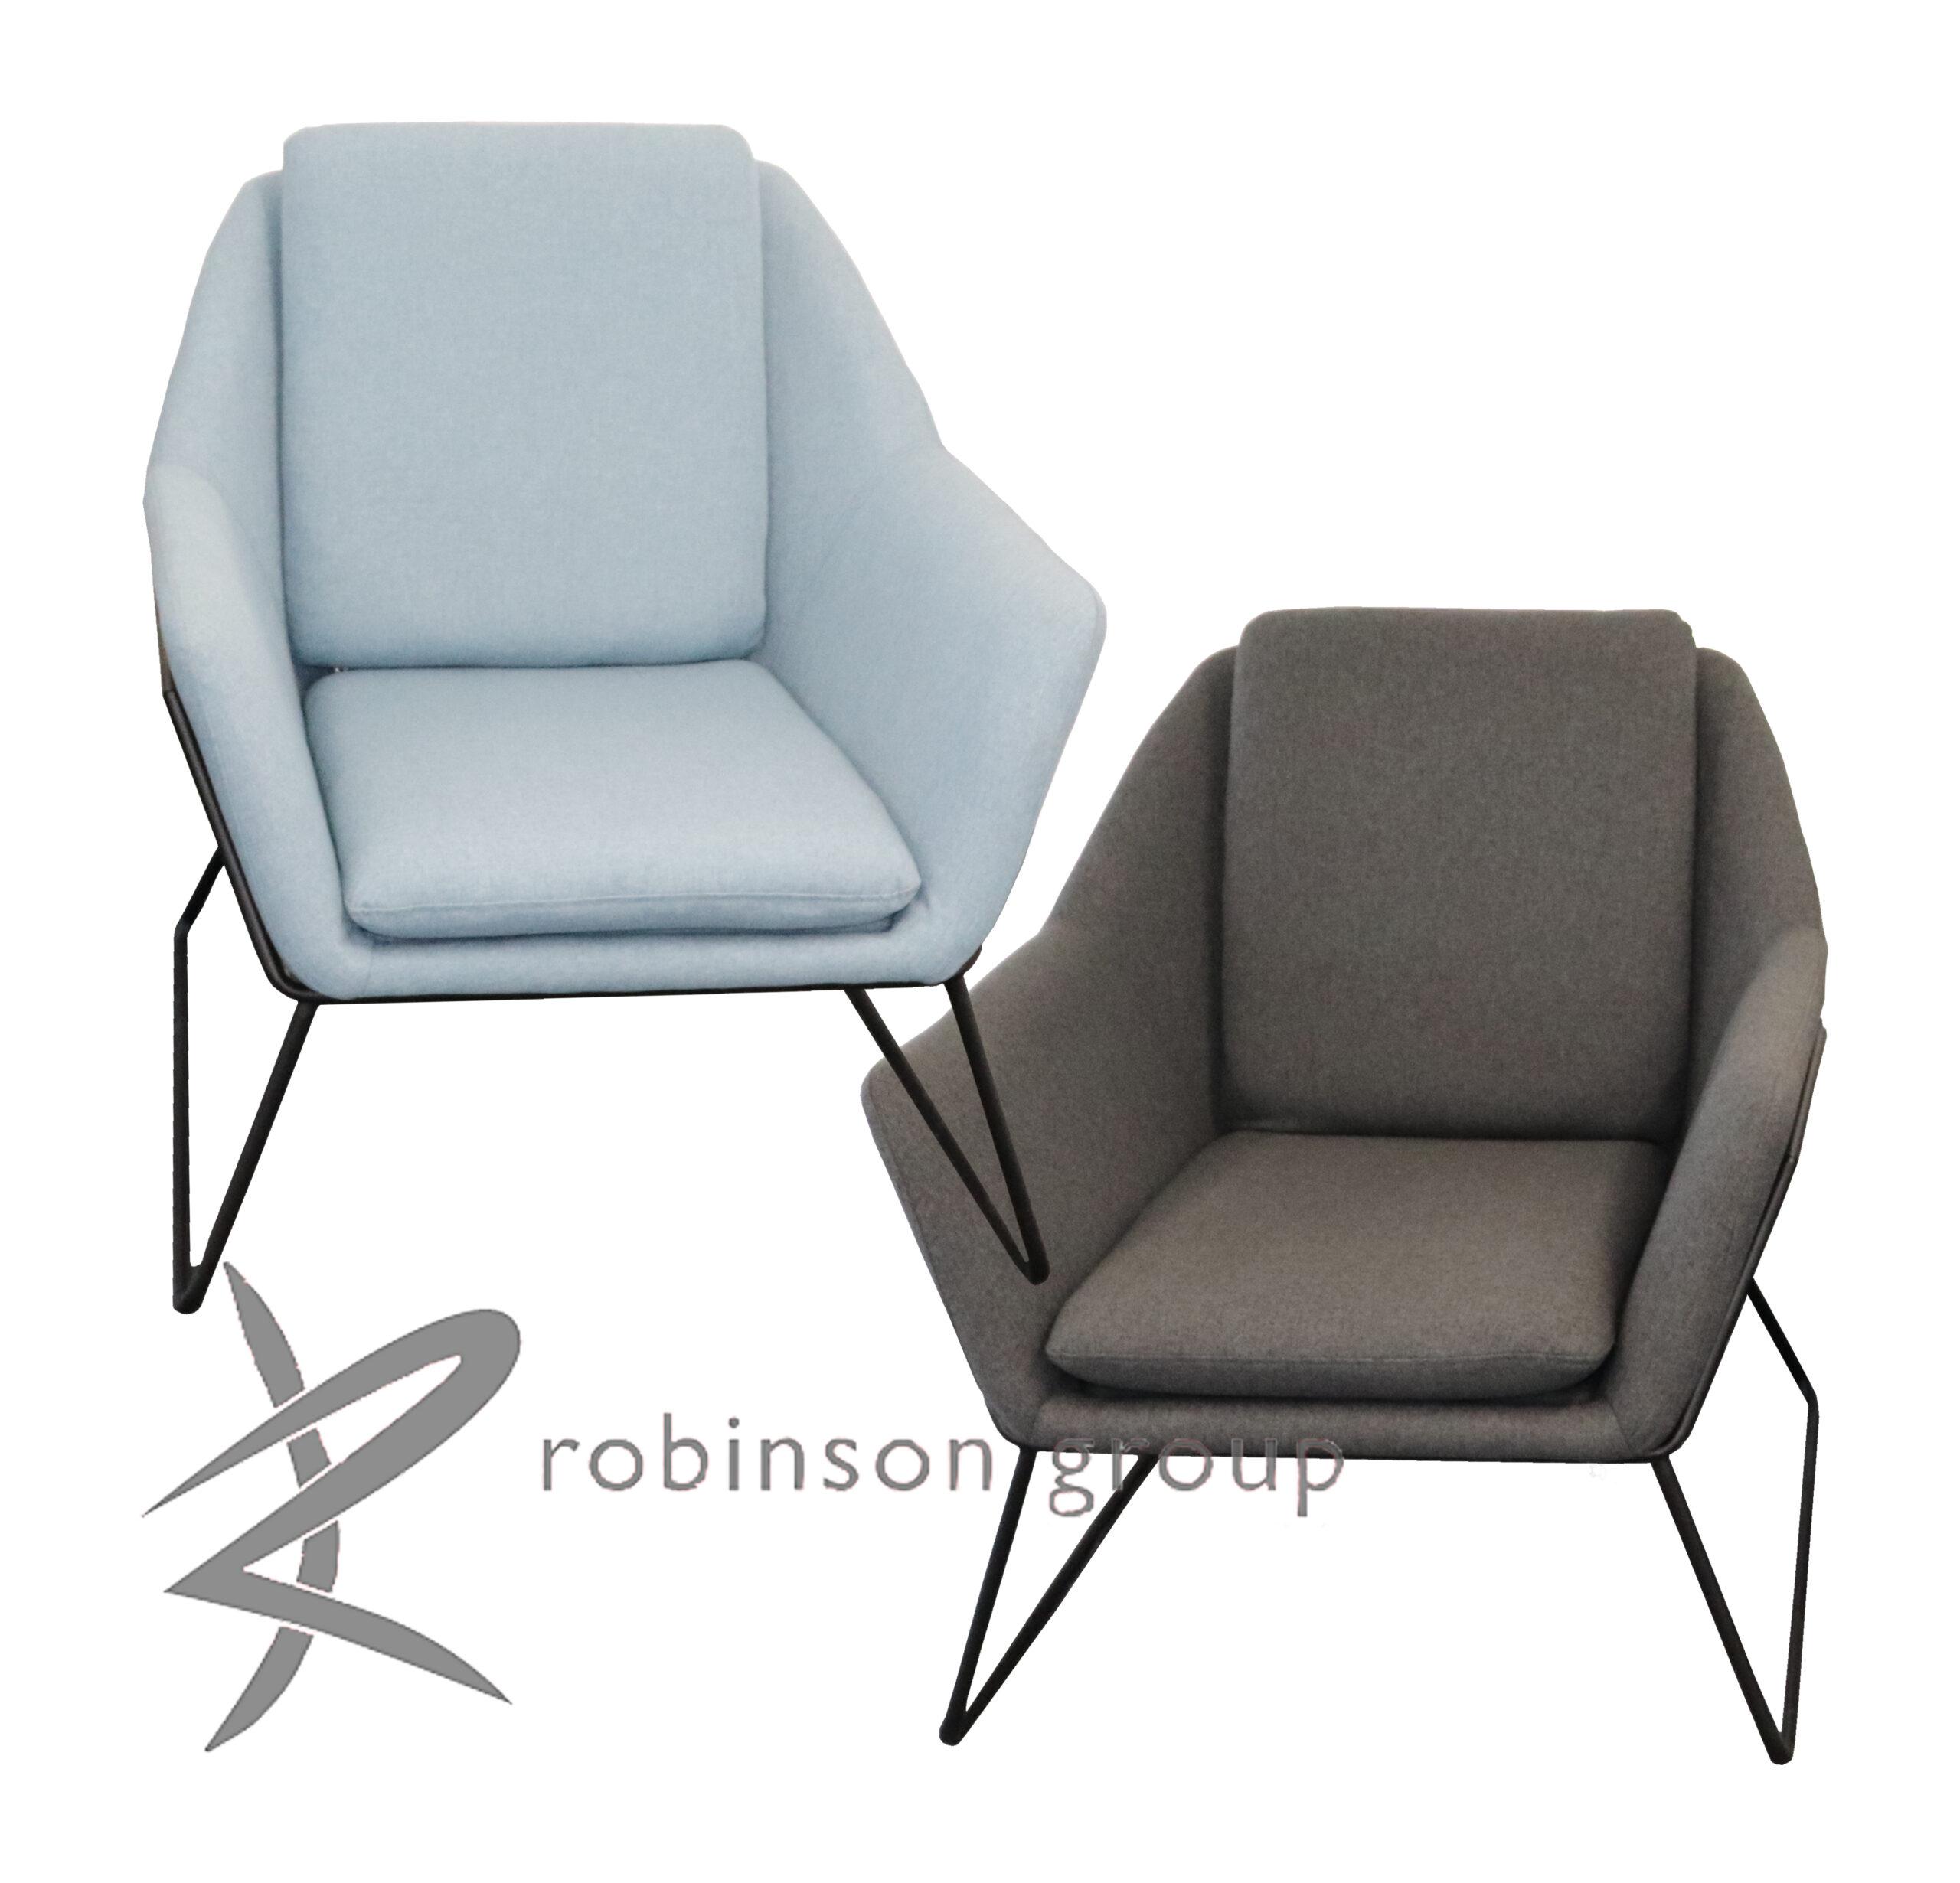 fundermental armchair